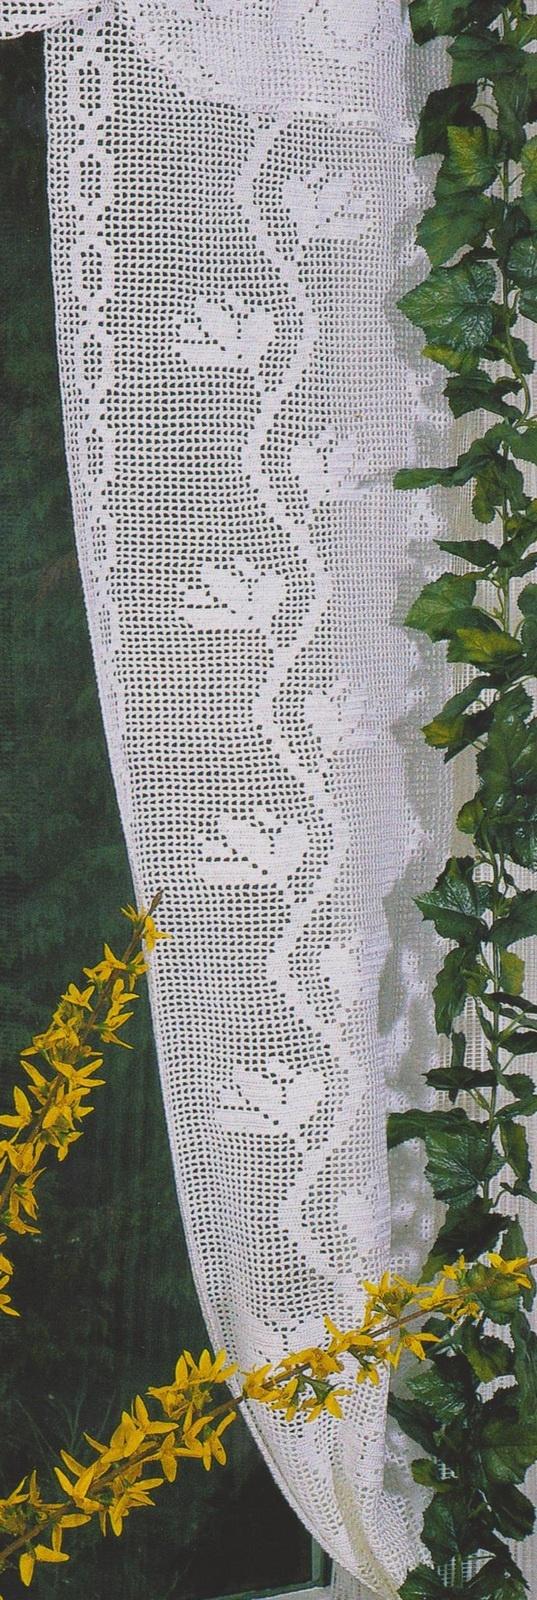 Le rideau vertical